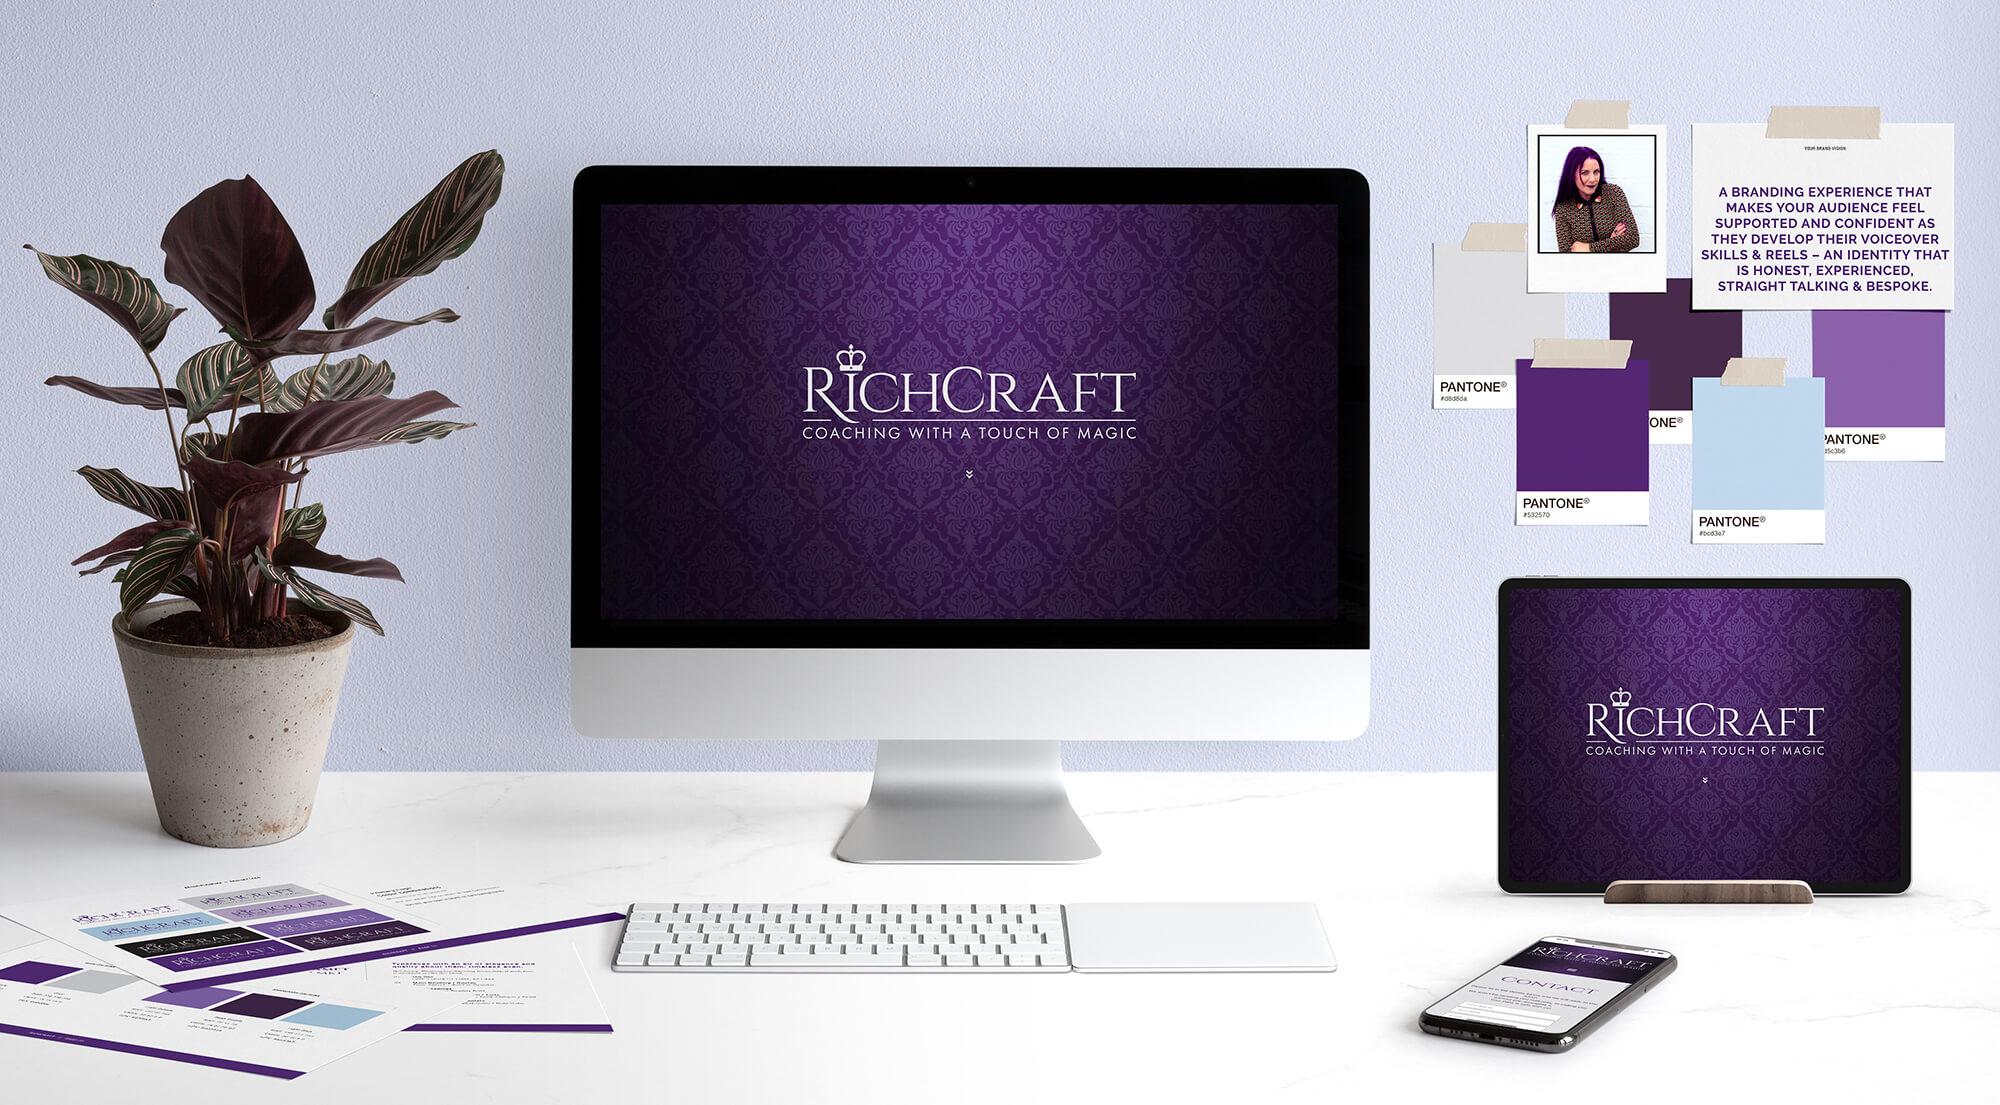 RichCraft voice coach brand and website scene.